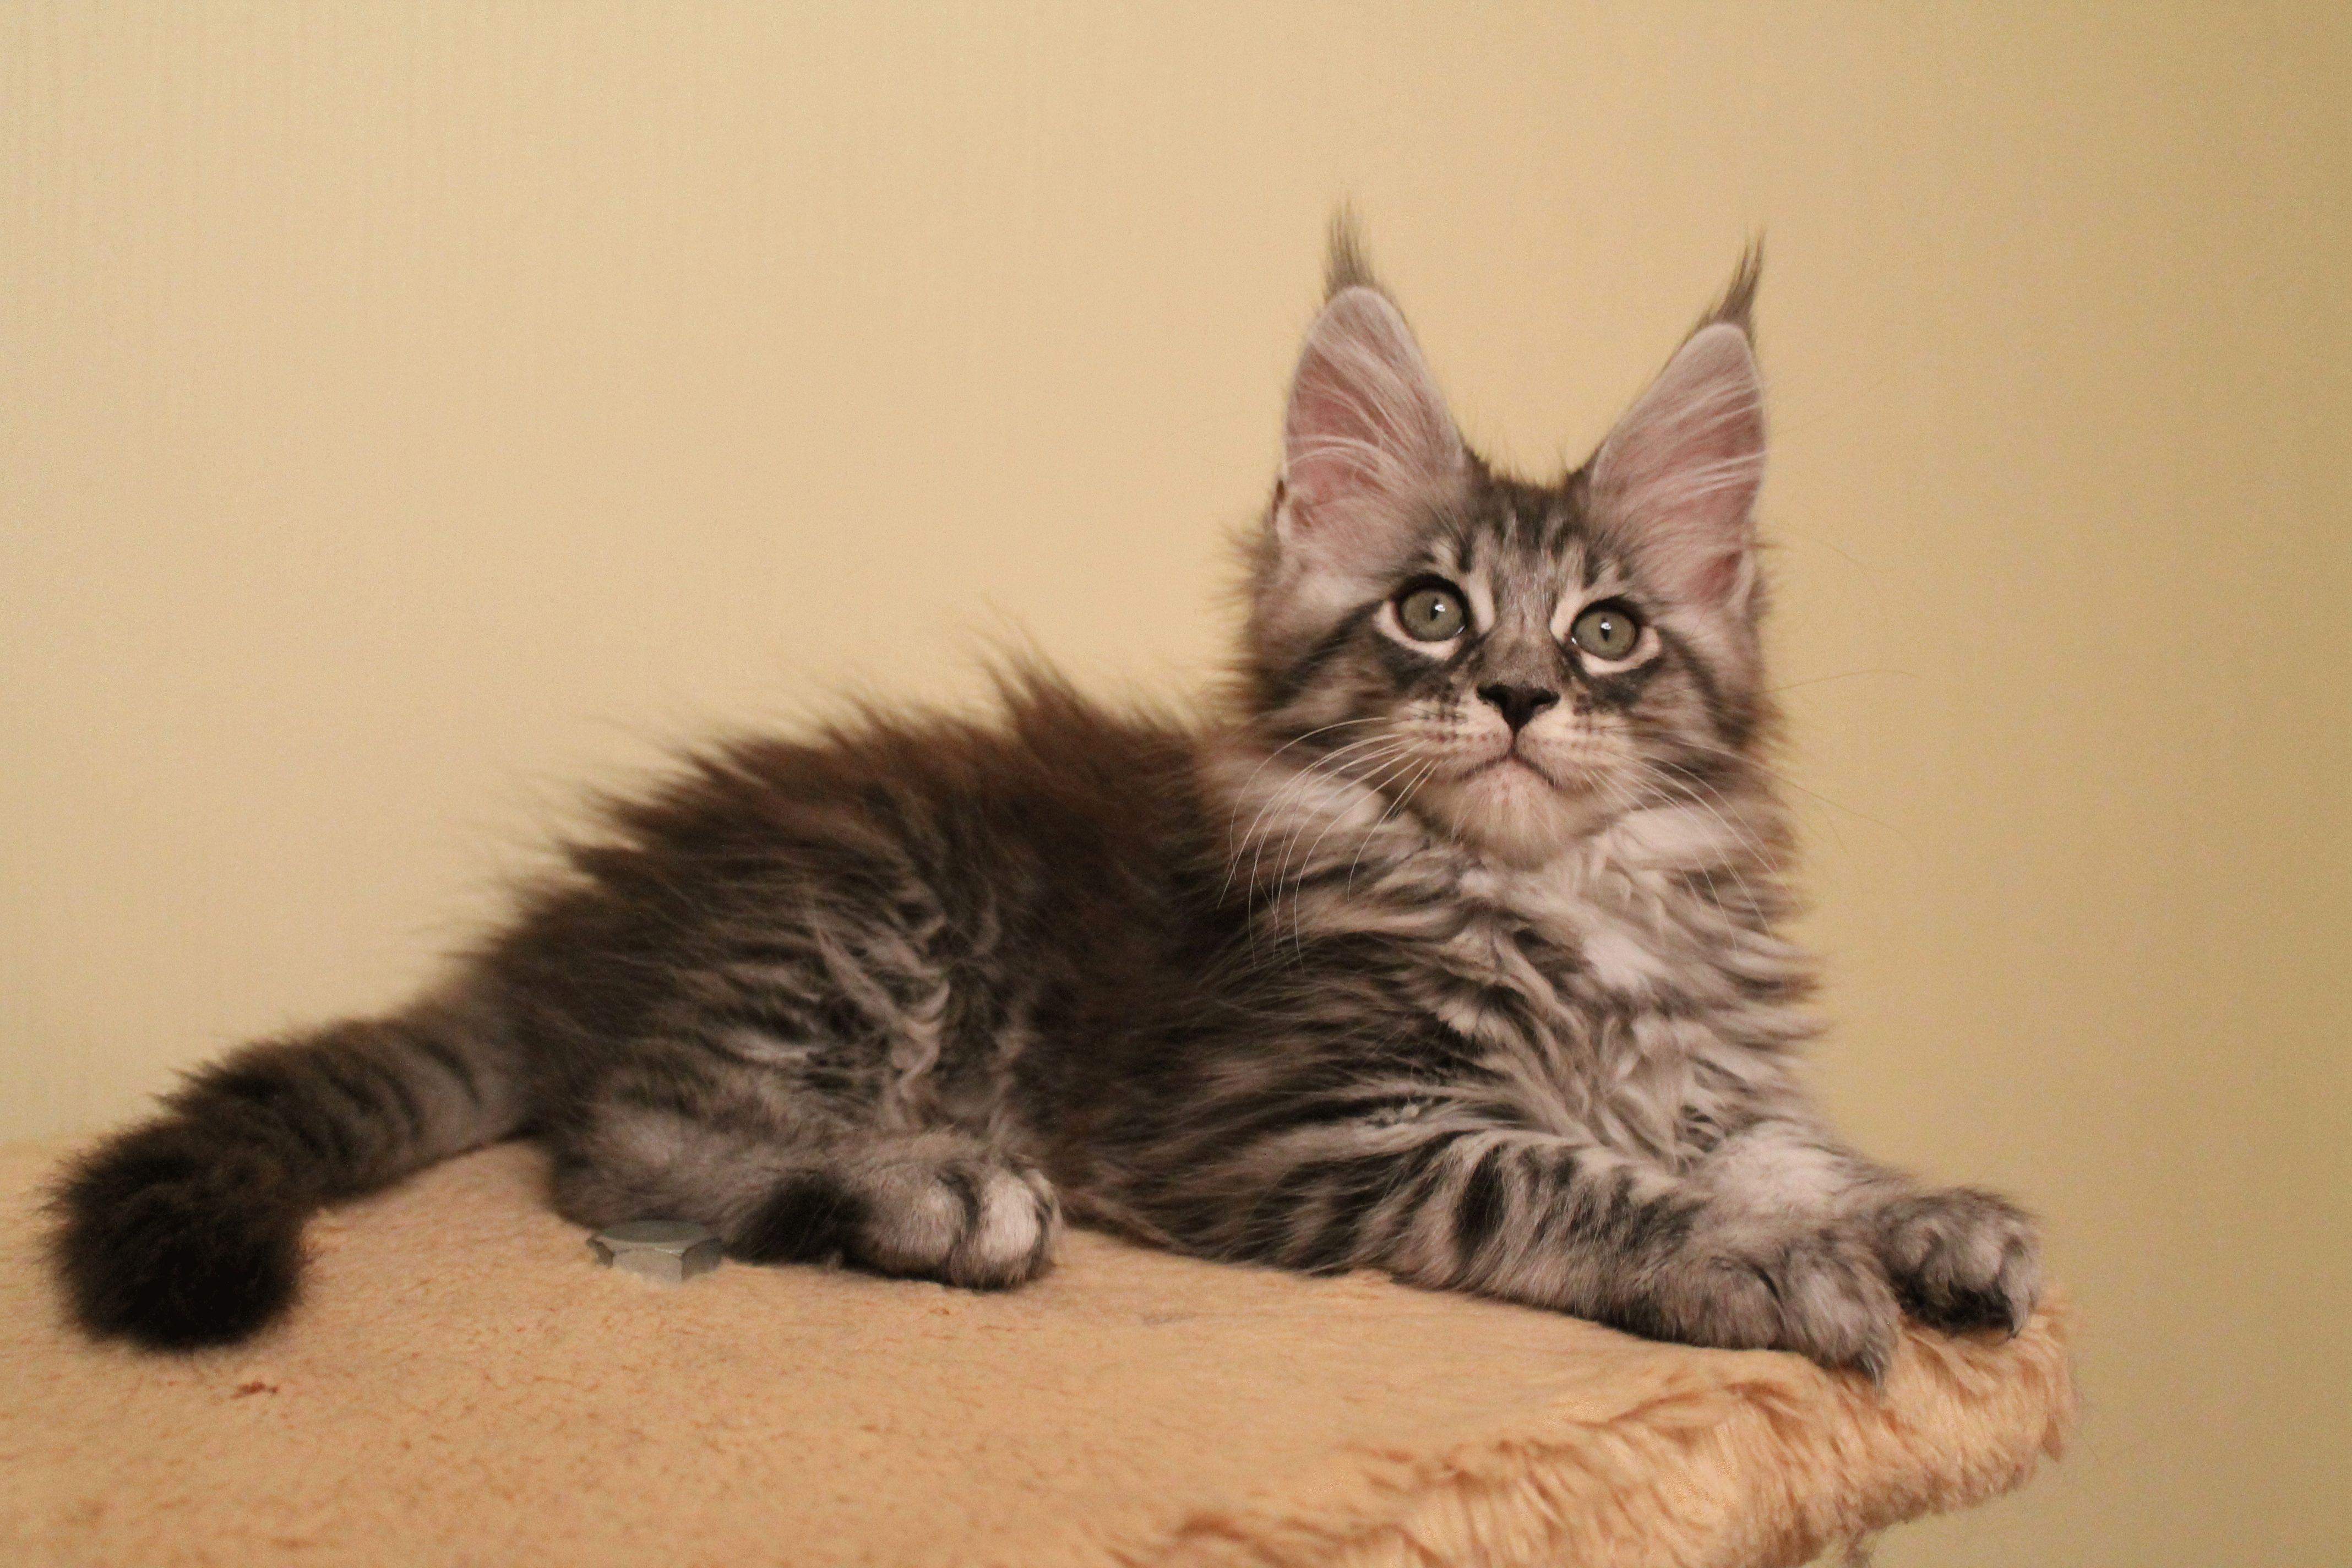 Купившая котенка полоцкая школьница стала жертвой мошенницы